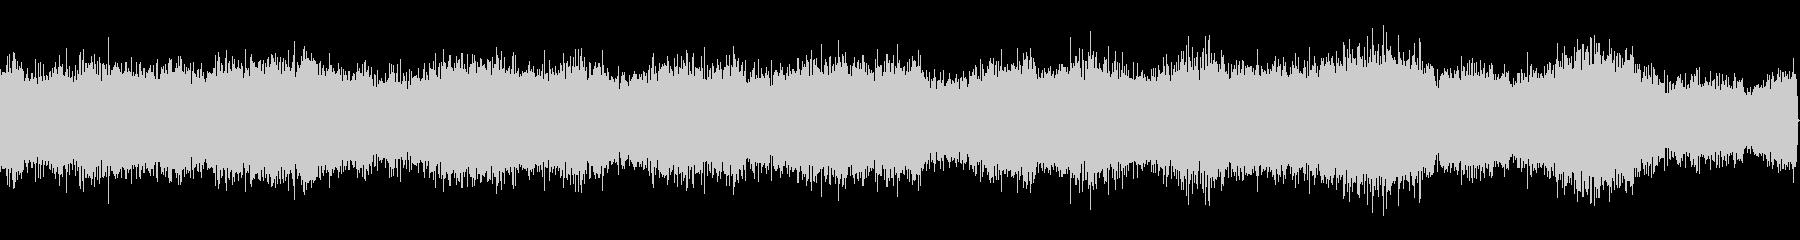 北海道虫の声(夏)の未再生の波形